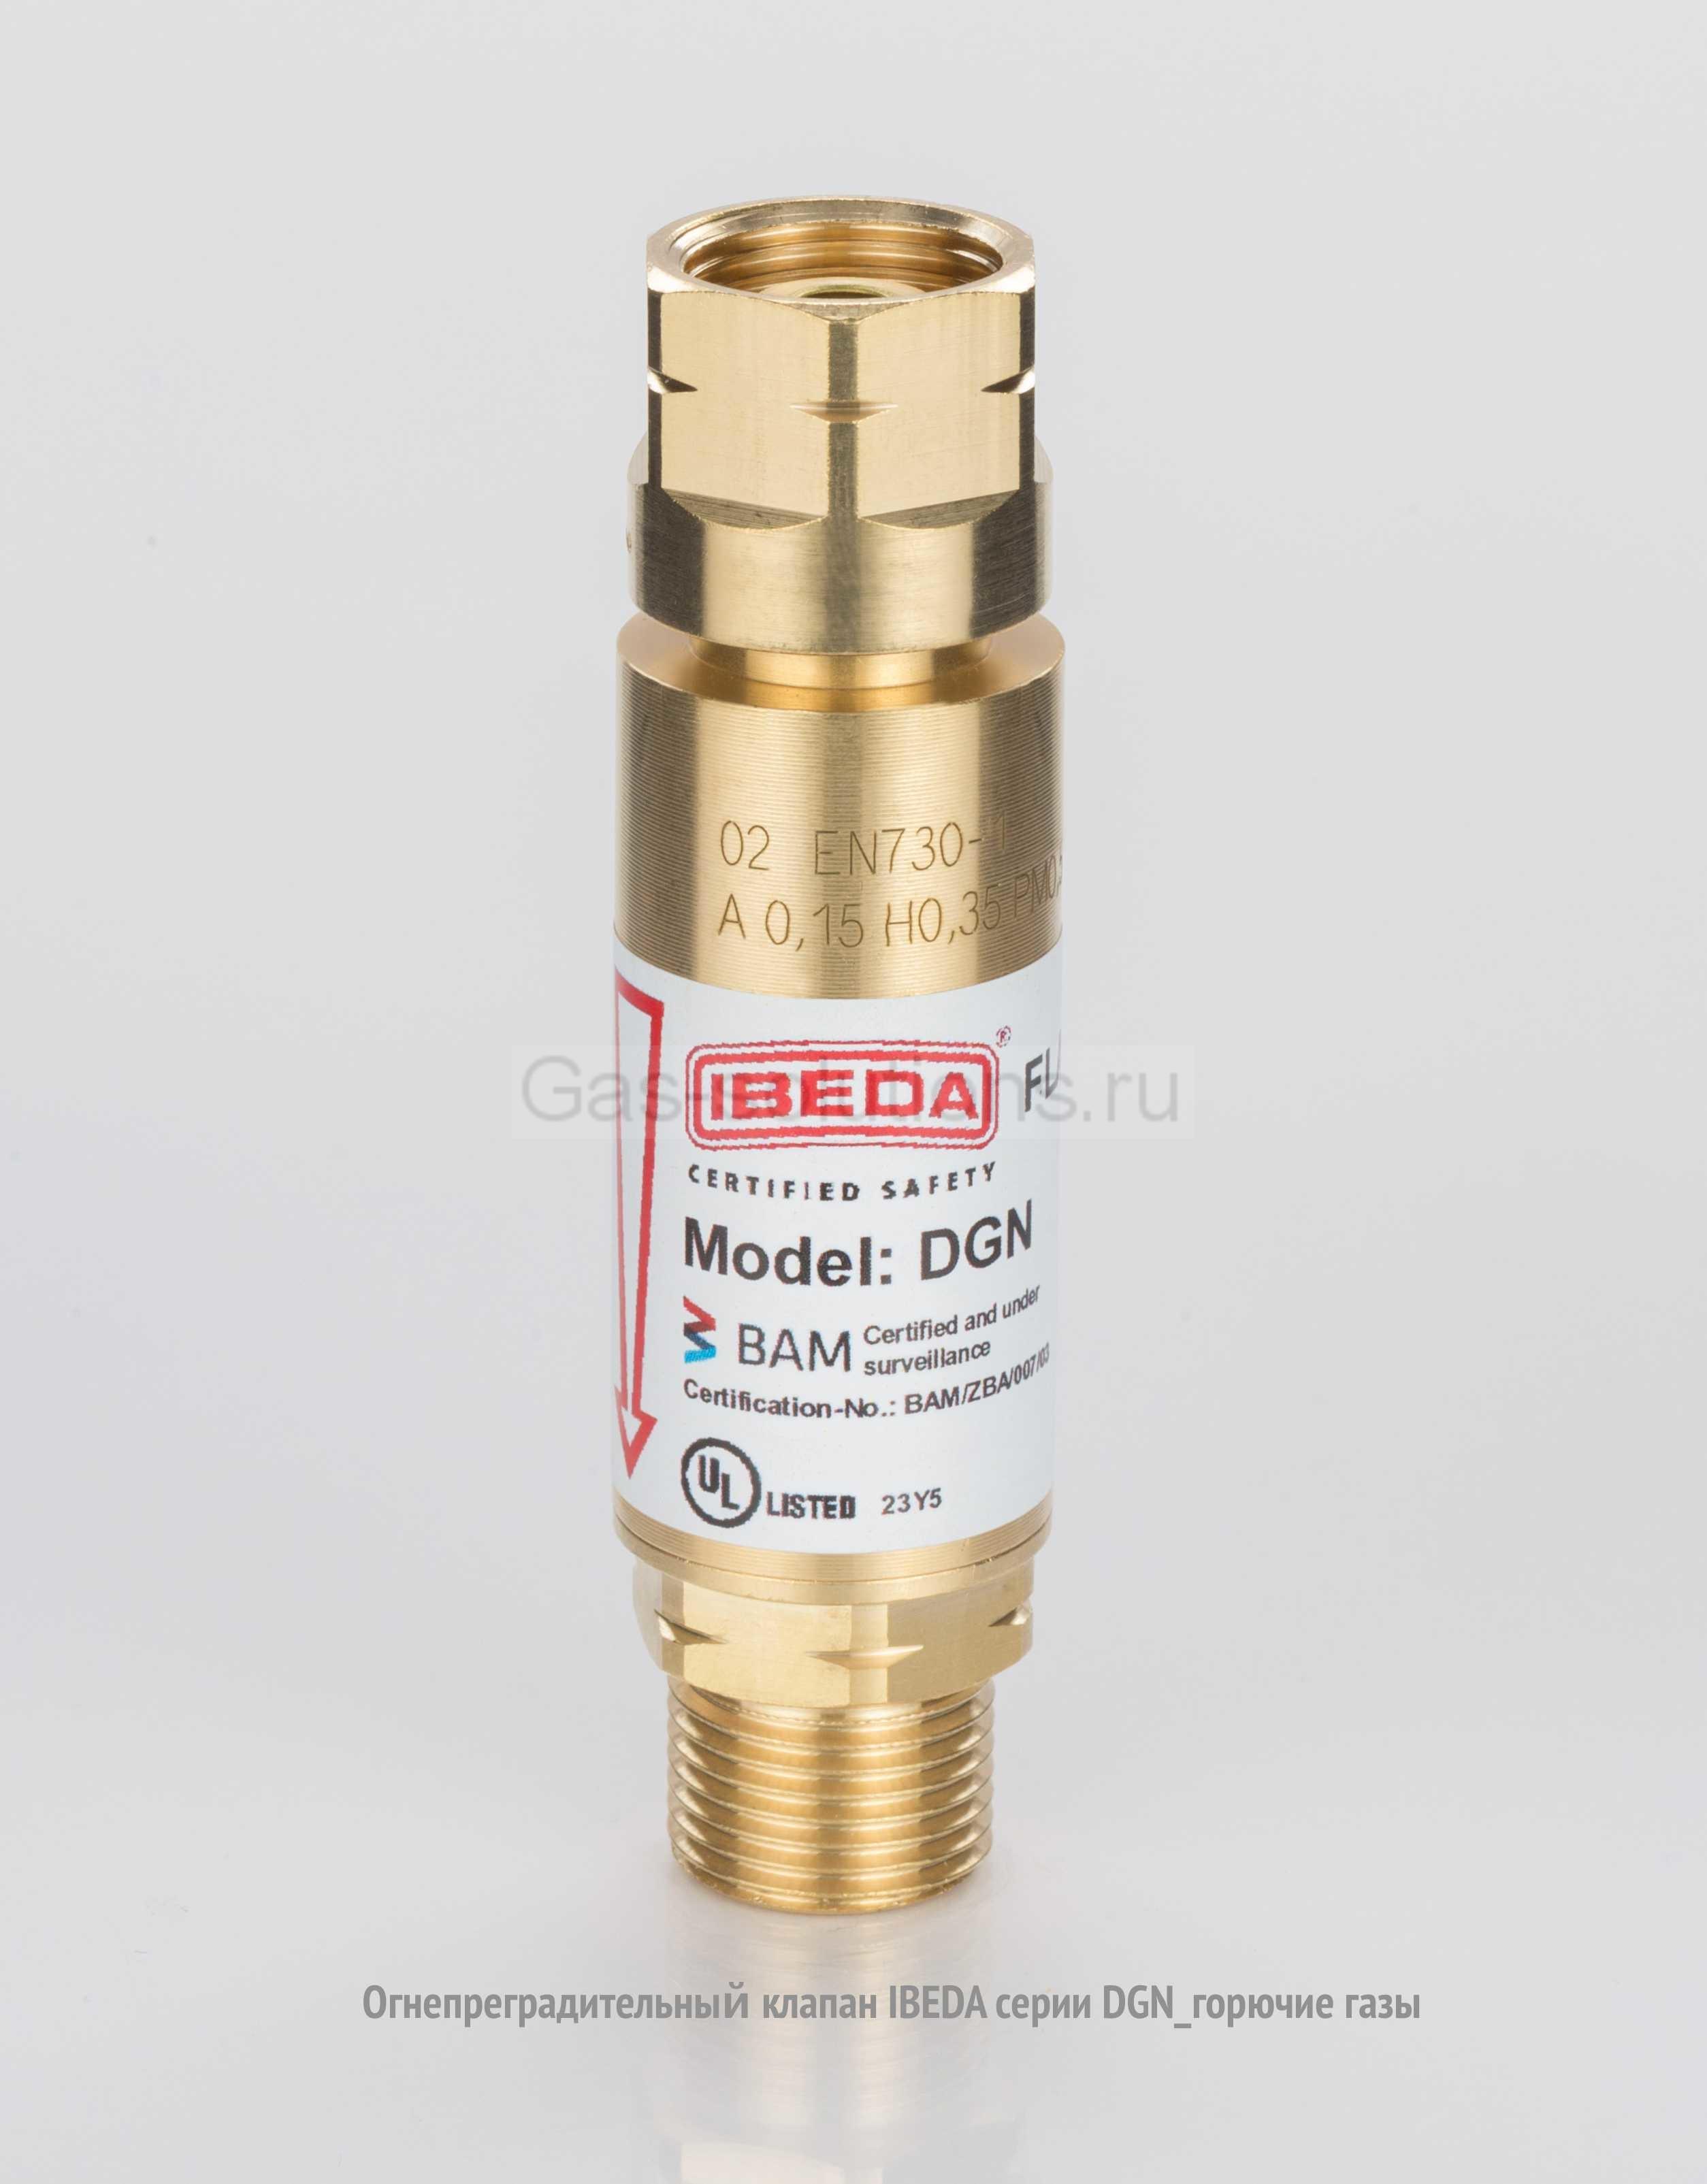 Огнепреградительный клапан IBEDA серии DGN_горючие газы